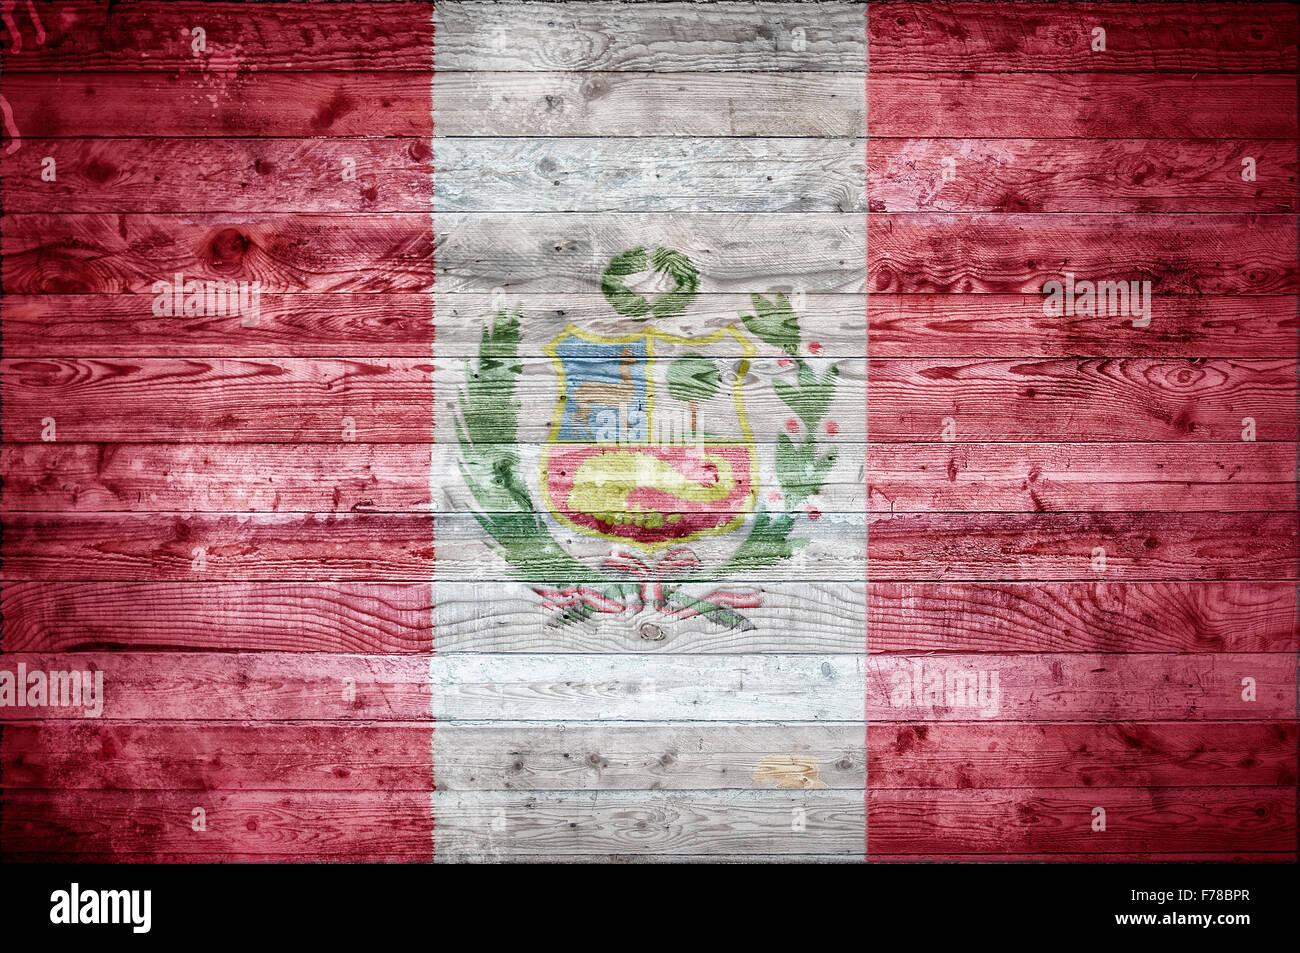 Un Vignetted Imagen De Fondo De La Bandera Del Peru En Tablas De Madera De Una Pared O En El Suelo Fotografia De Stock Alamy